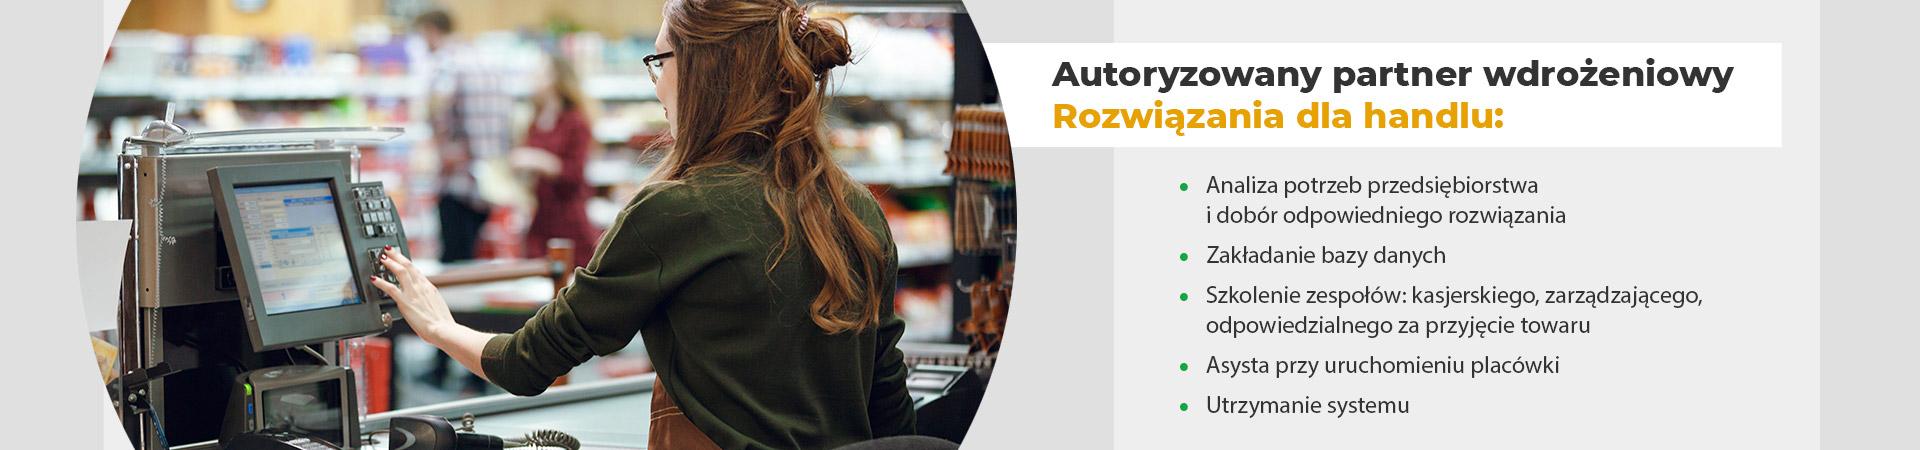 Oprogramowanie handlowe, pc-market, kc-market, kc-firma, oprogramowanie dla firm , program magazynowy, program do rzażądzania sklepem